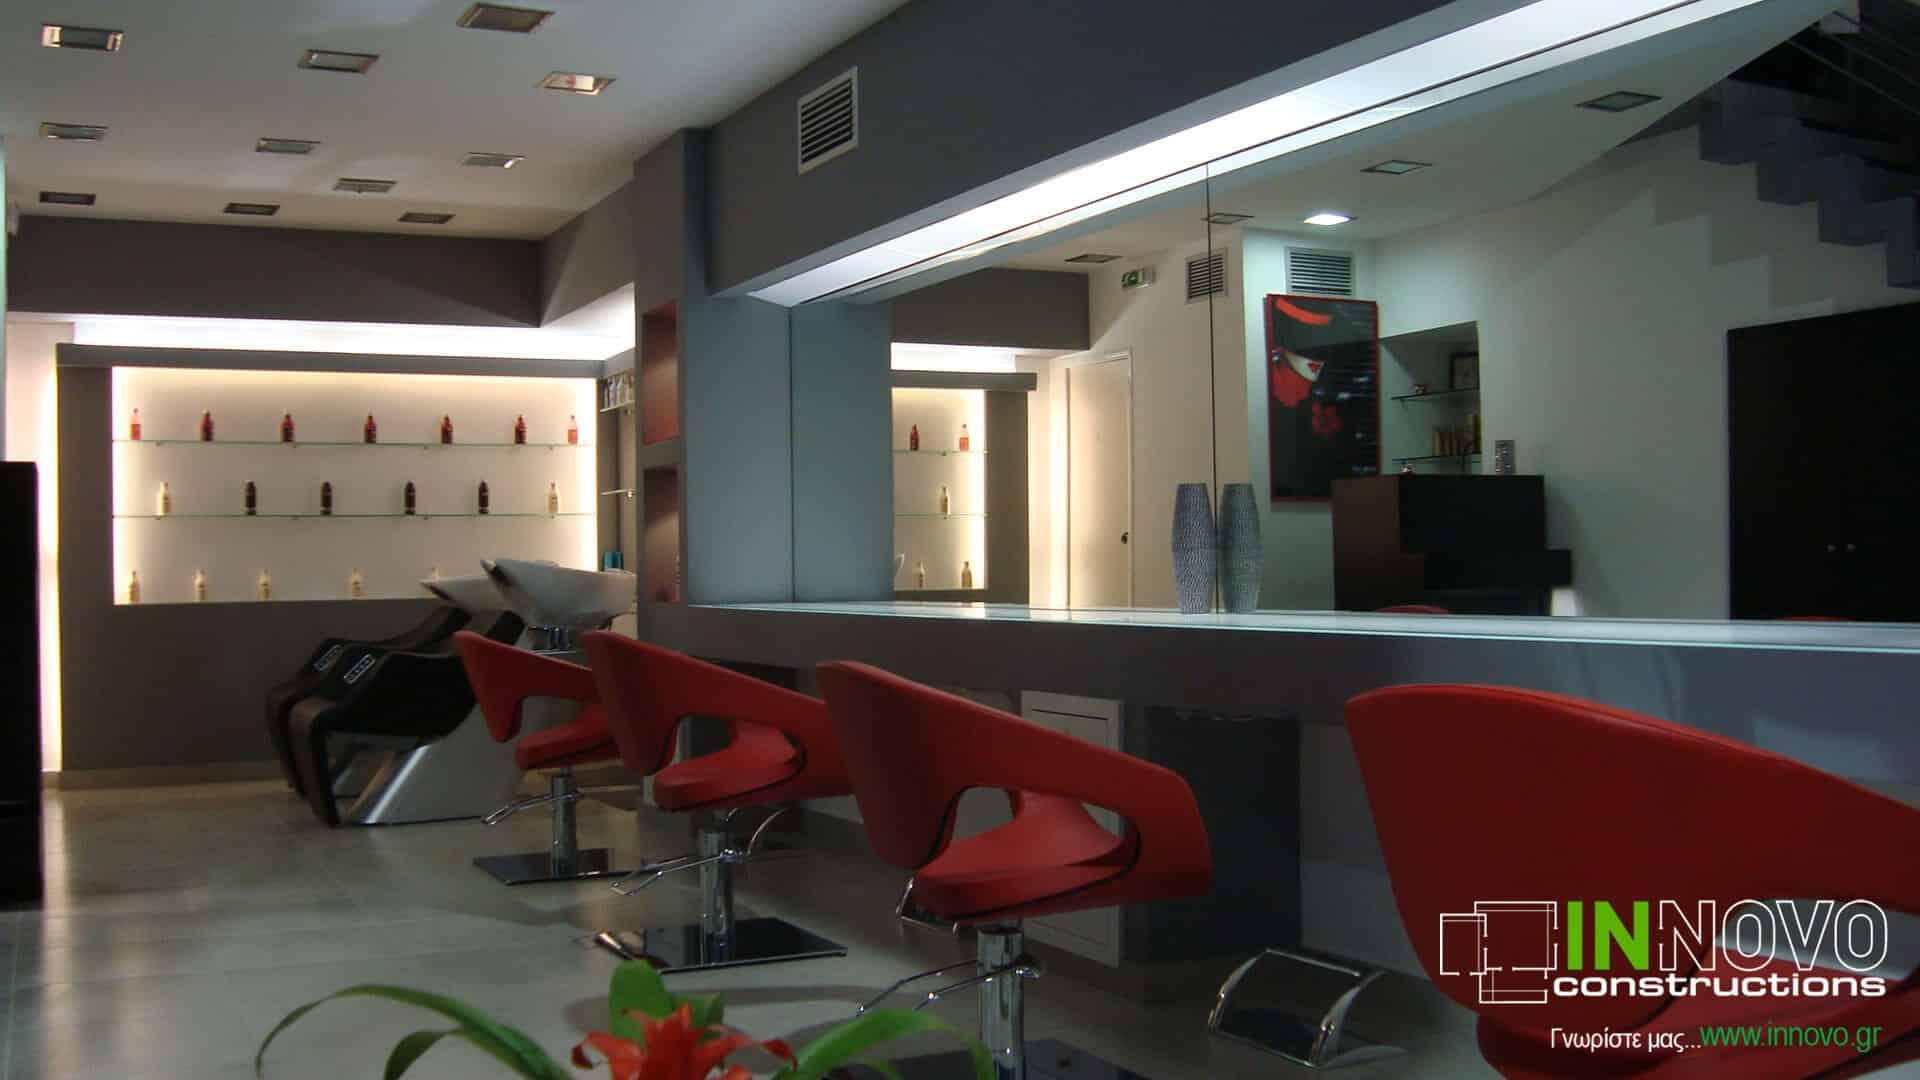 diakosmisi-kommotiriou-hairdressers-design-kommotirio-nafplio-1071-24